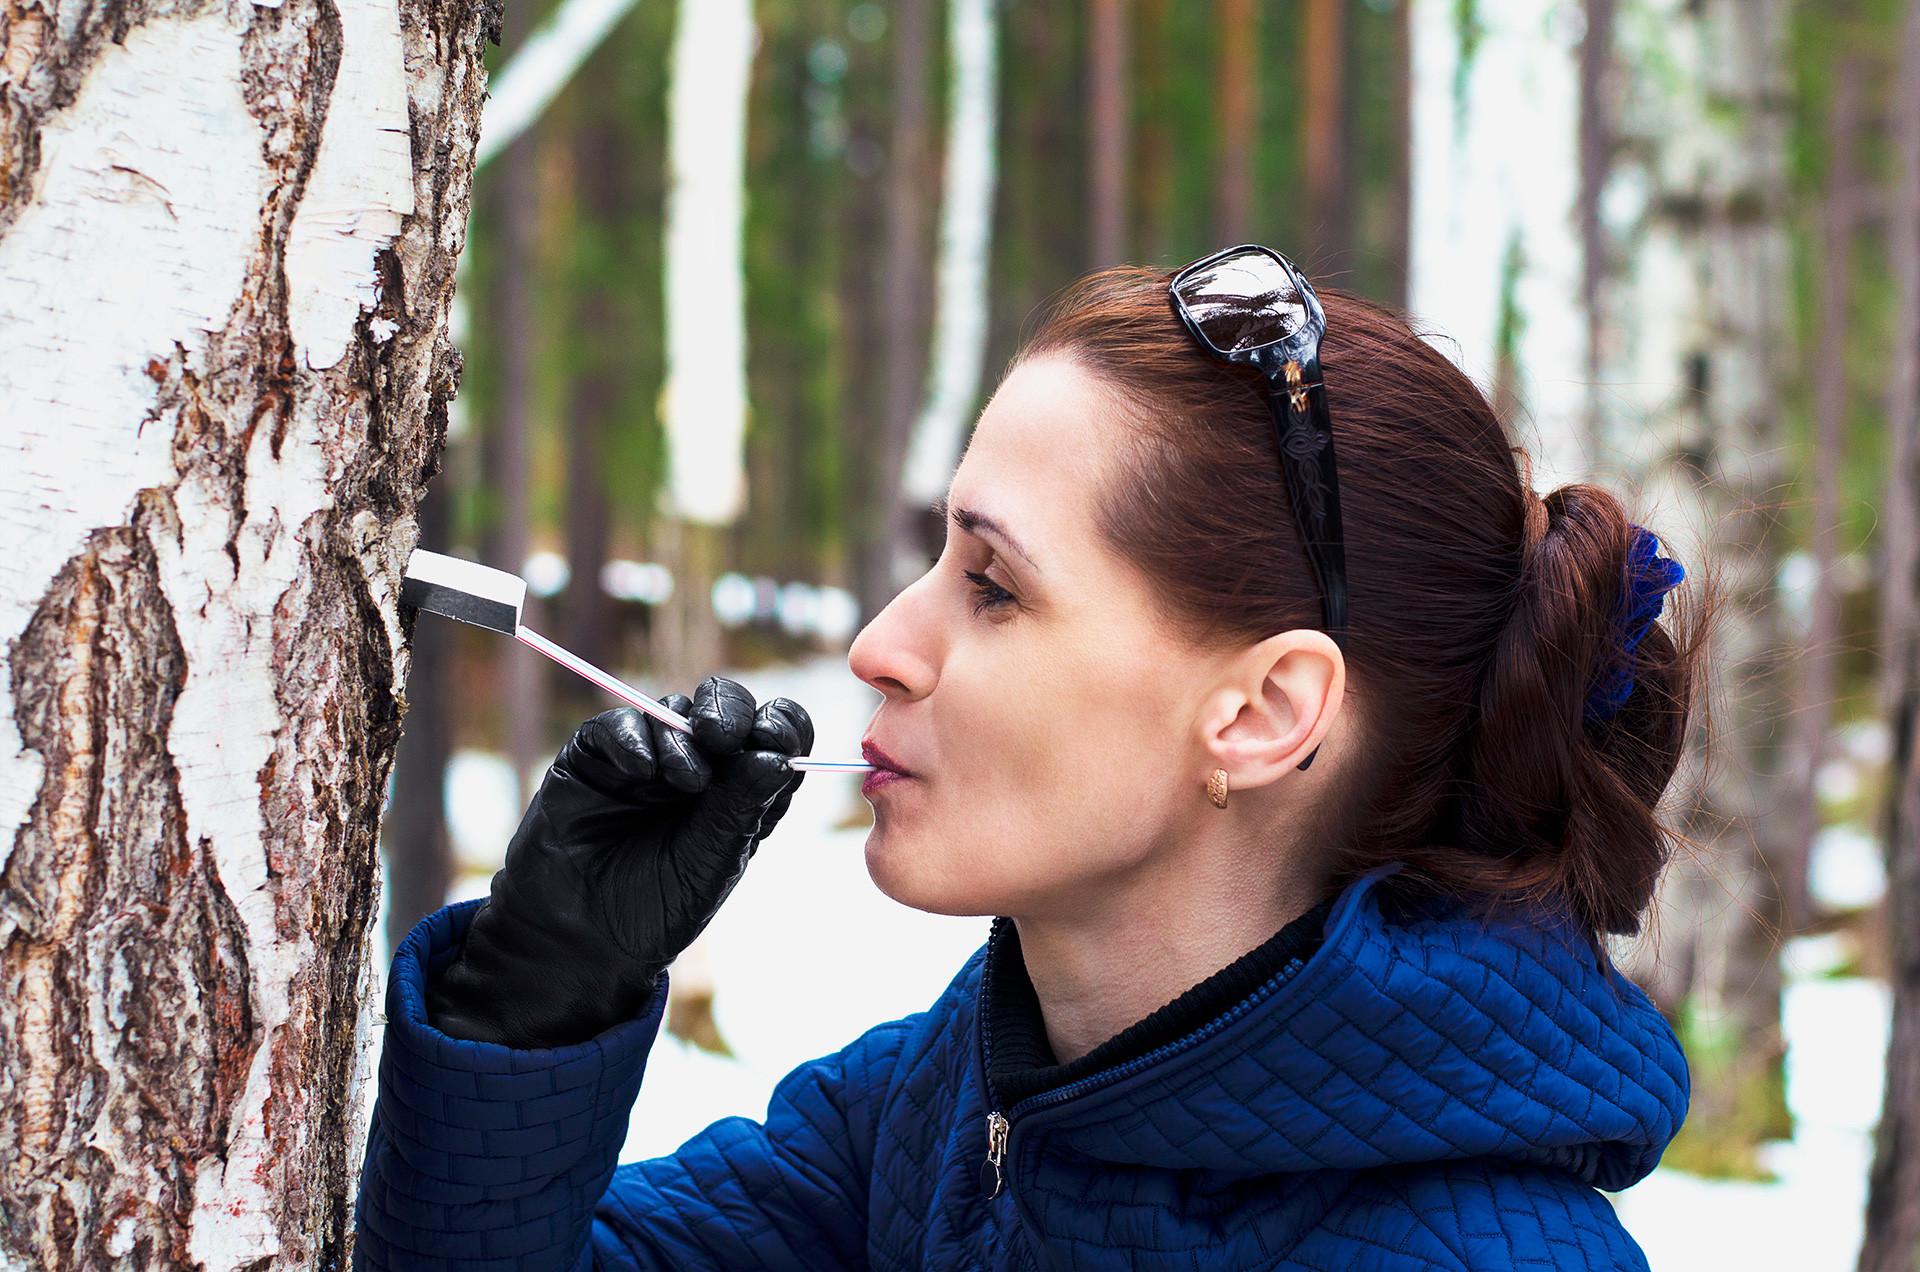 Pernahkan Anda mencicipi getah birch?